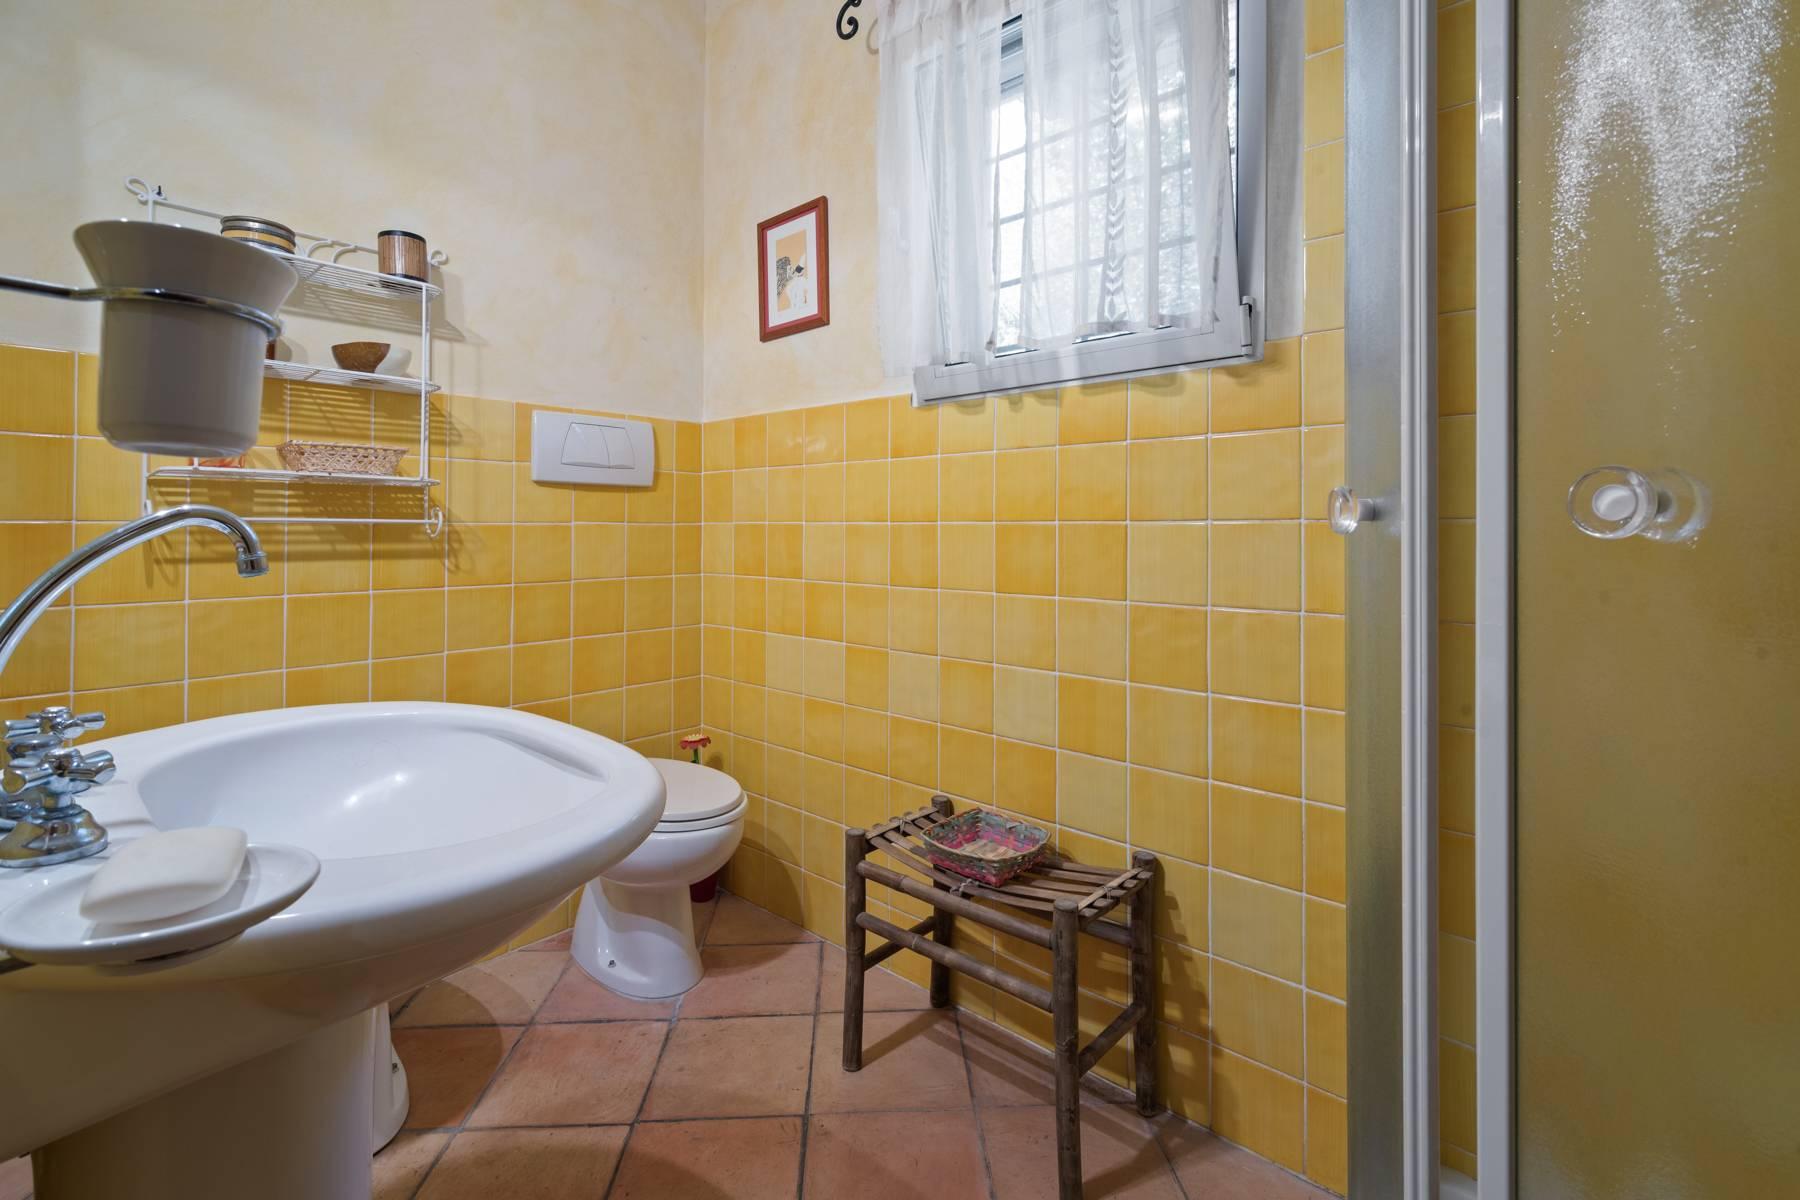 Villa in Vendita a Monte Argentario: 5 locali, 124 mq - Foto 15